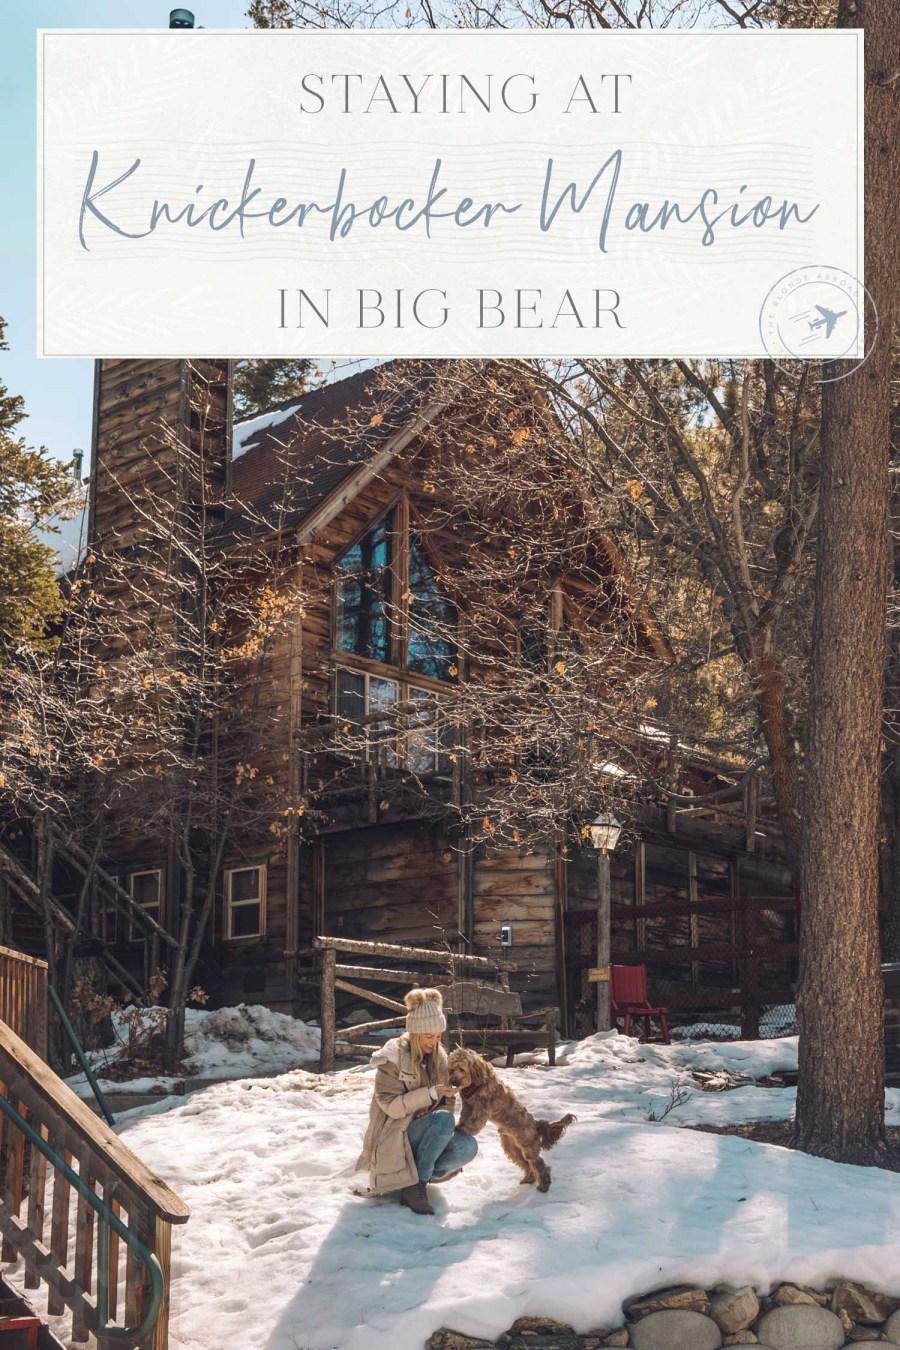 Knickerbocker Mansion Big Bear